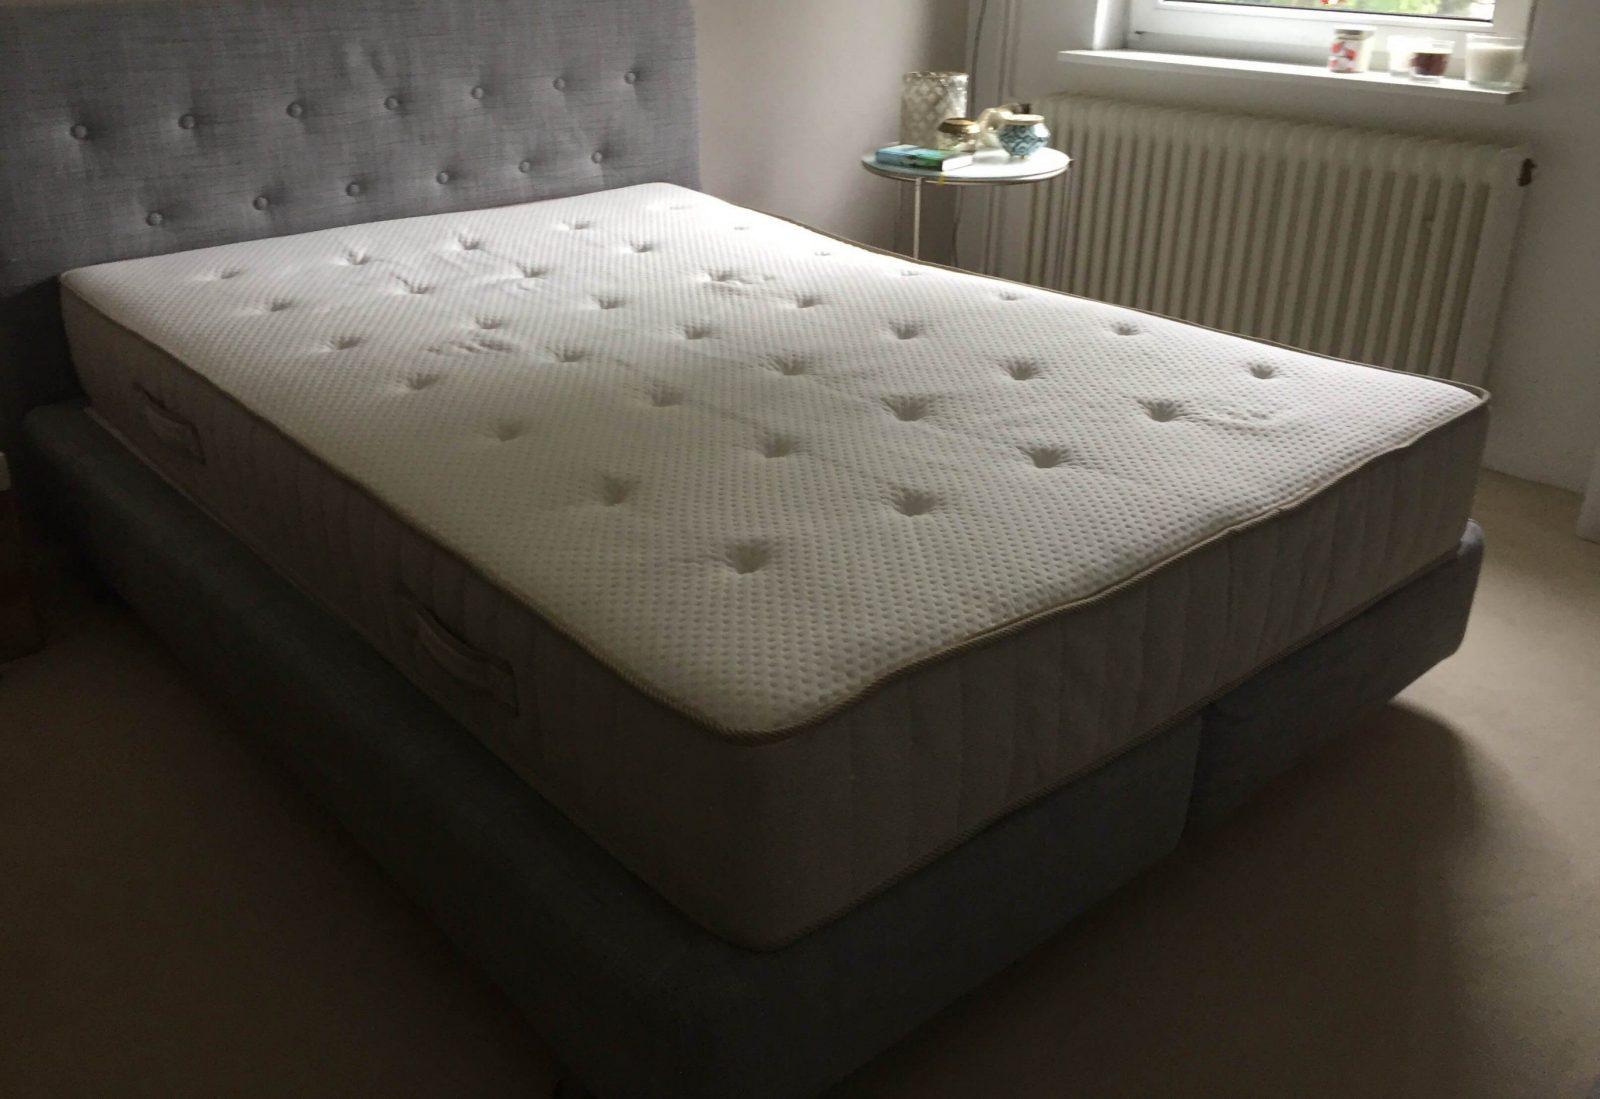 Ikea Matratze Zurückgeben : matratze ikea zur ckgeben haus design ideen ~ Buech-reservation.com Haus und Dekorationen